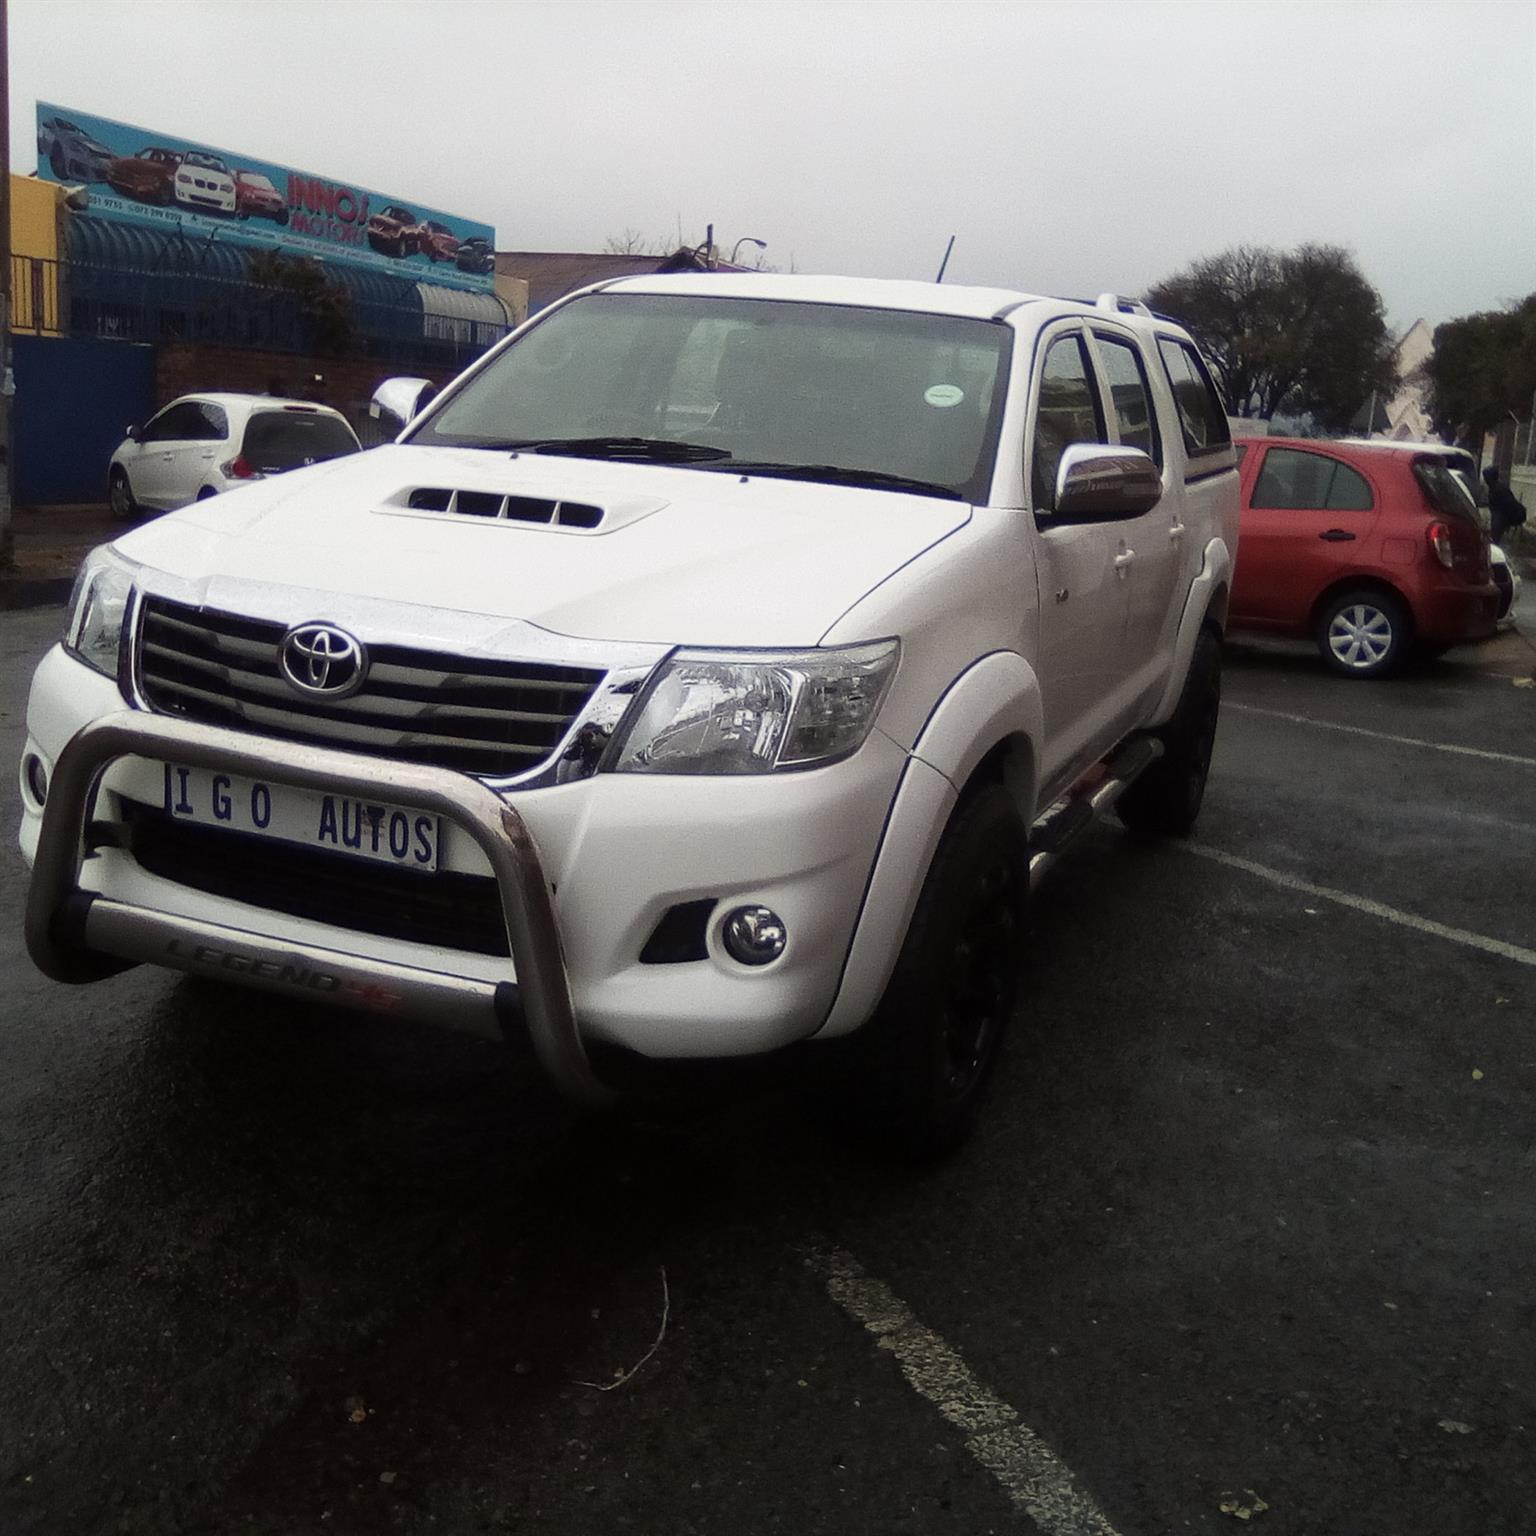 2016 Toyota Hilux 3.0D 4D double cab 4x4 Raider Legend 45